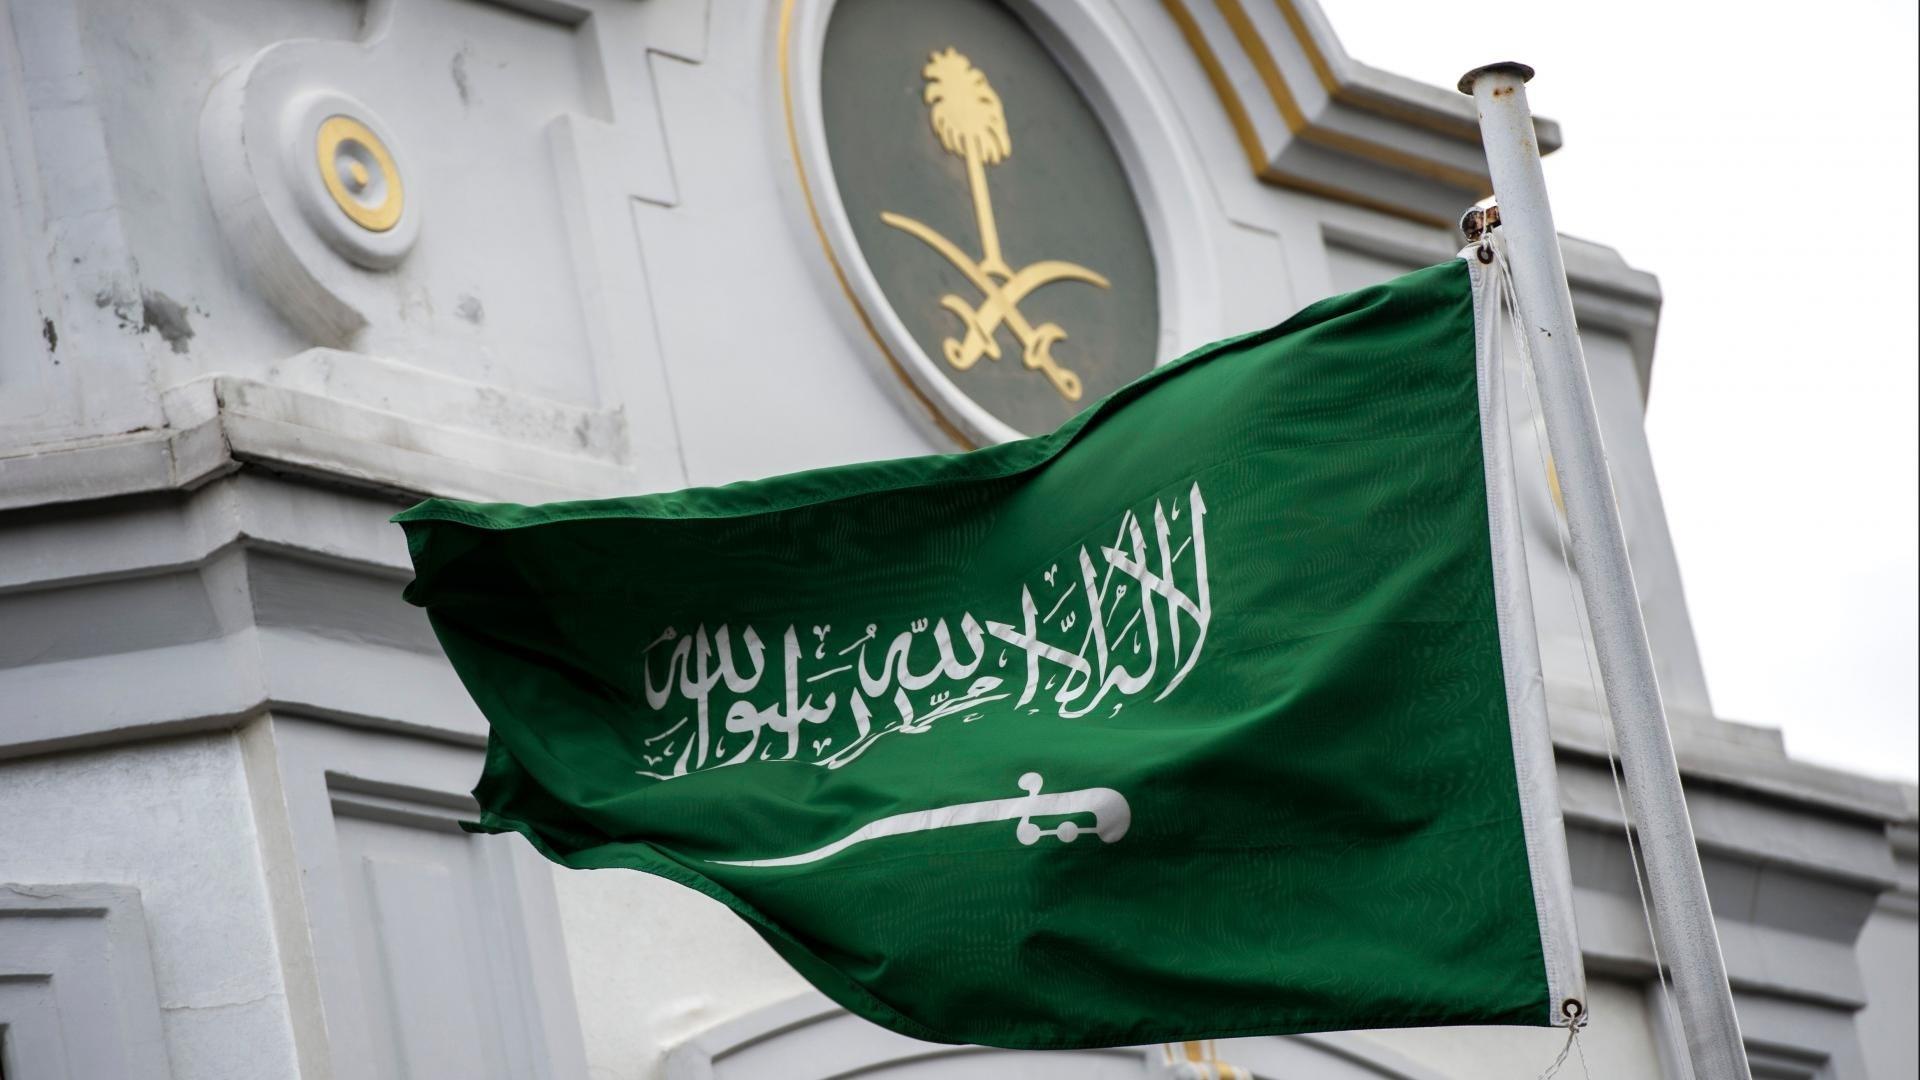 السعودية تتهم عشرات المسؤولين بالفساد مالي في وزارة الدفاع